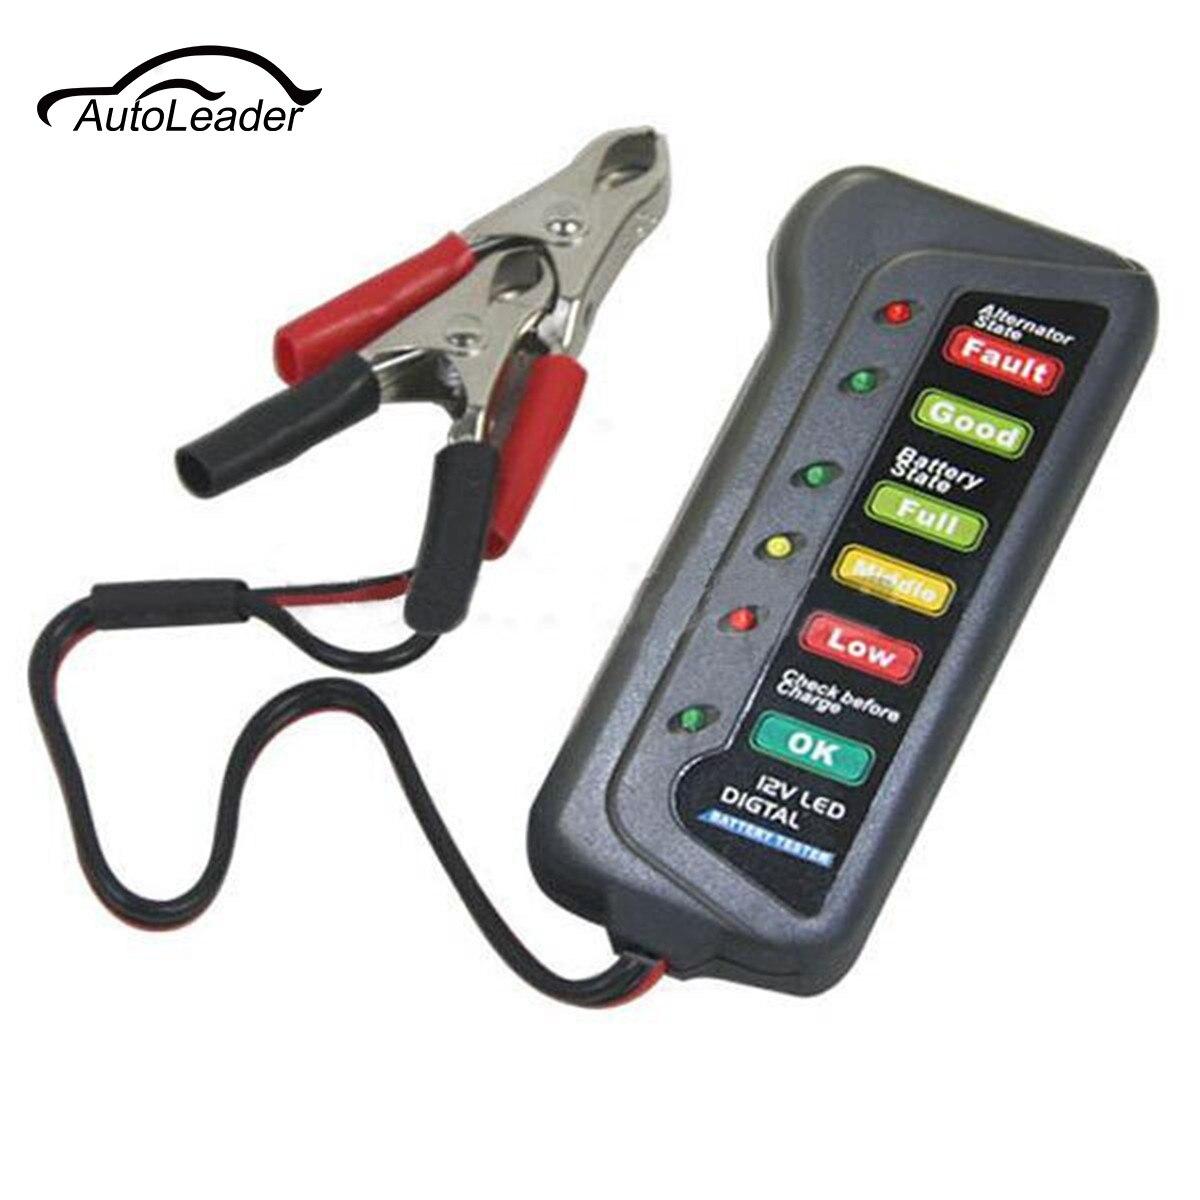 12 В светодиодный цифровой Батарея Генератор тестер автомобилей мотоциклов 6 LED 2 Зажимы единица измерения Дисплей указывают